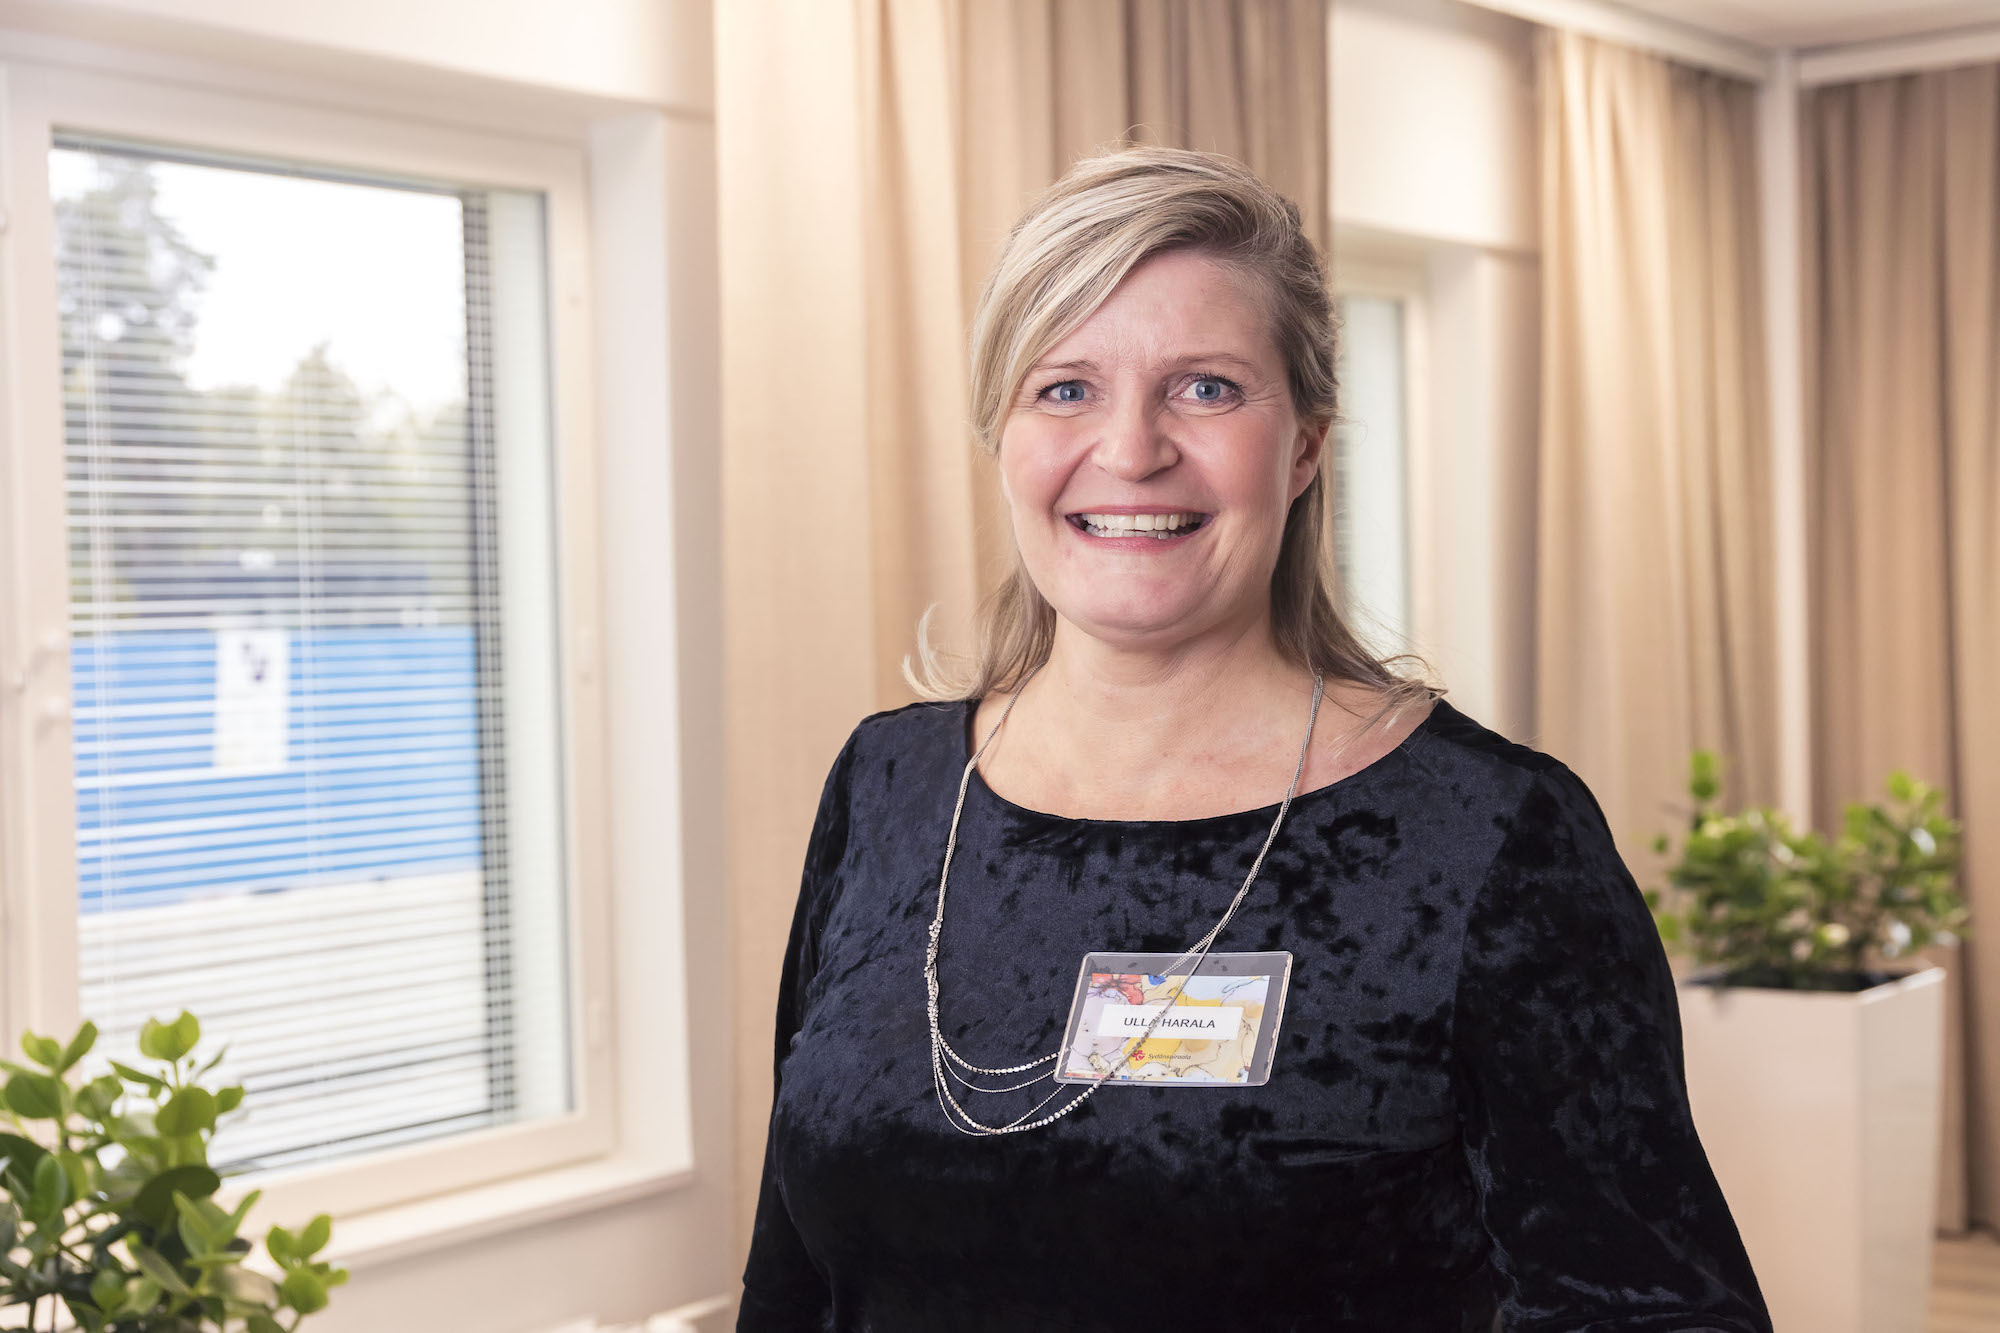 Potilasjärjestö Hämeenmaan Sydänpiiri toimii Tampereen Sydänsairaalan tiloissa.